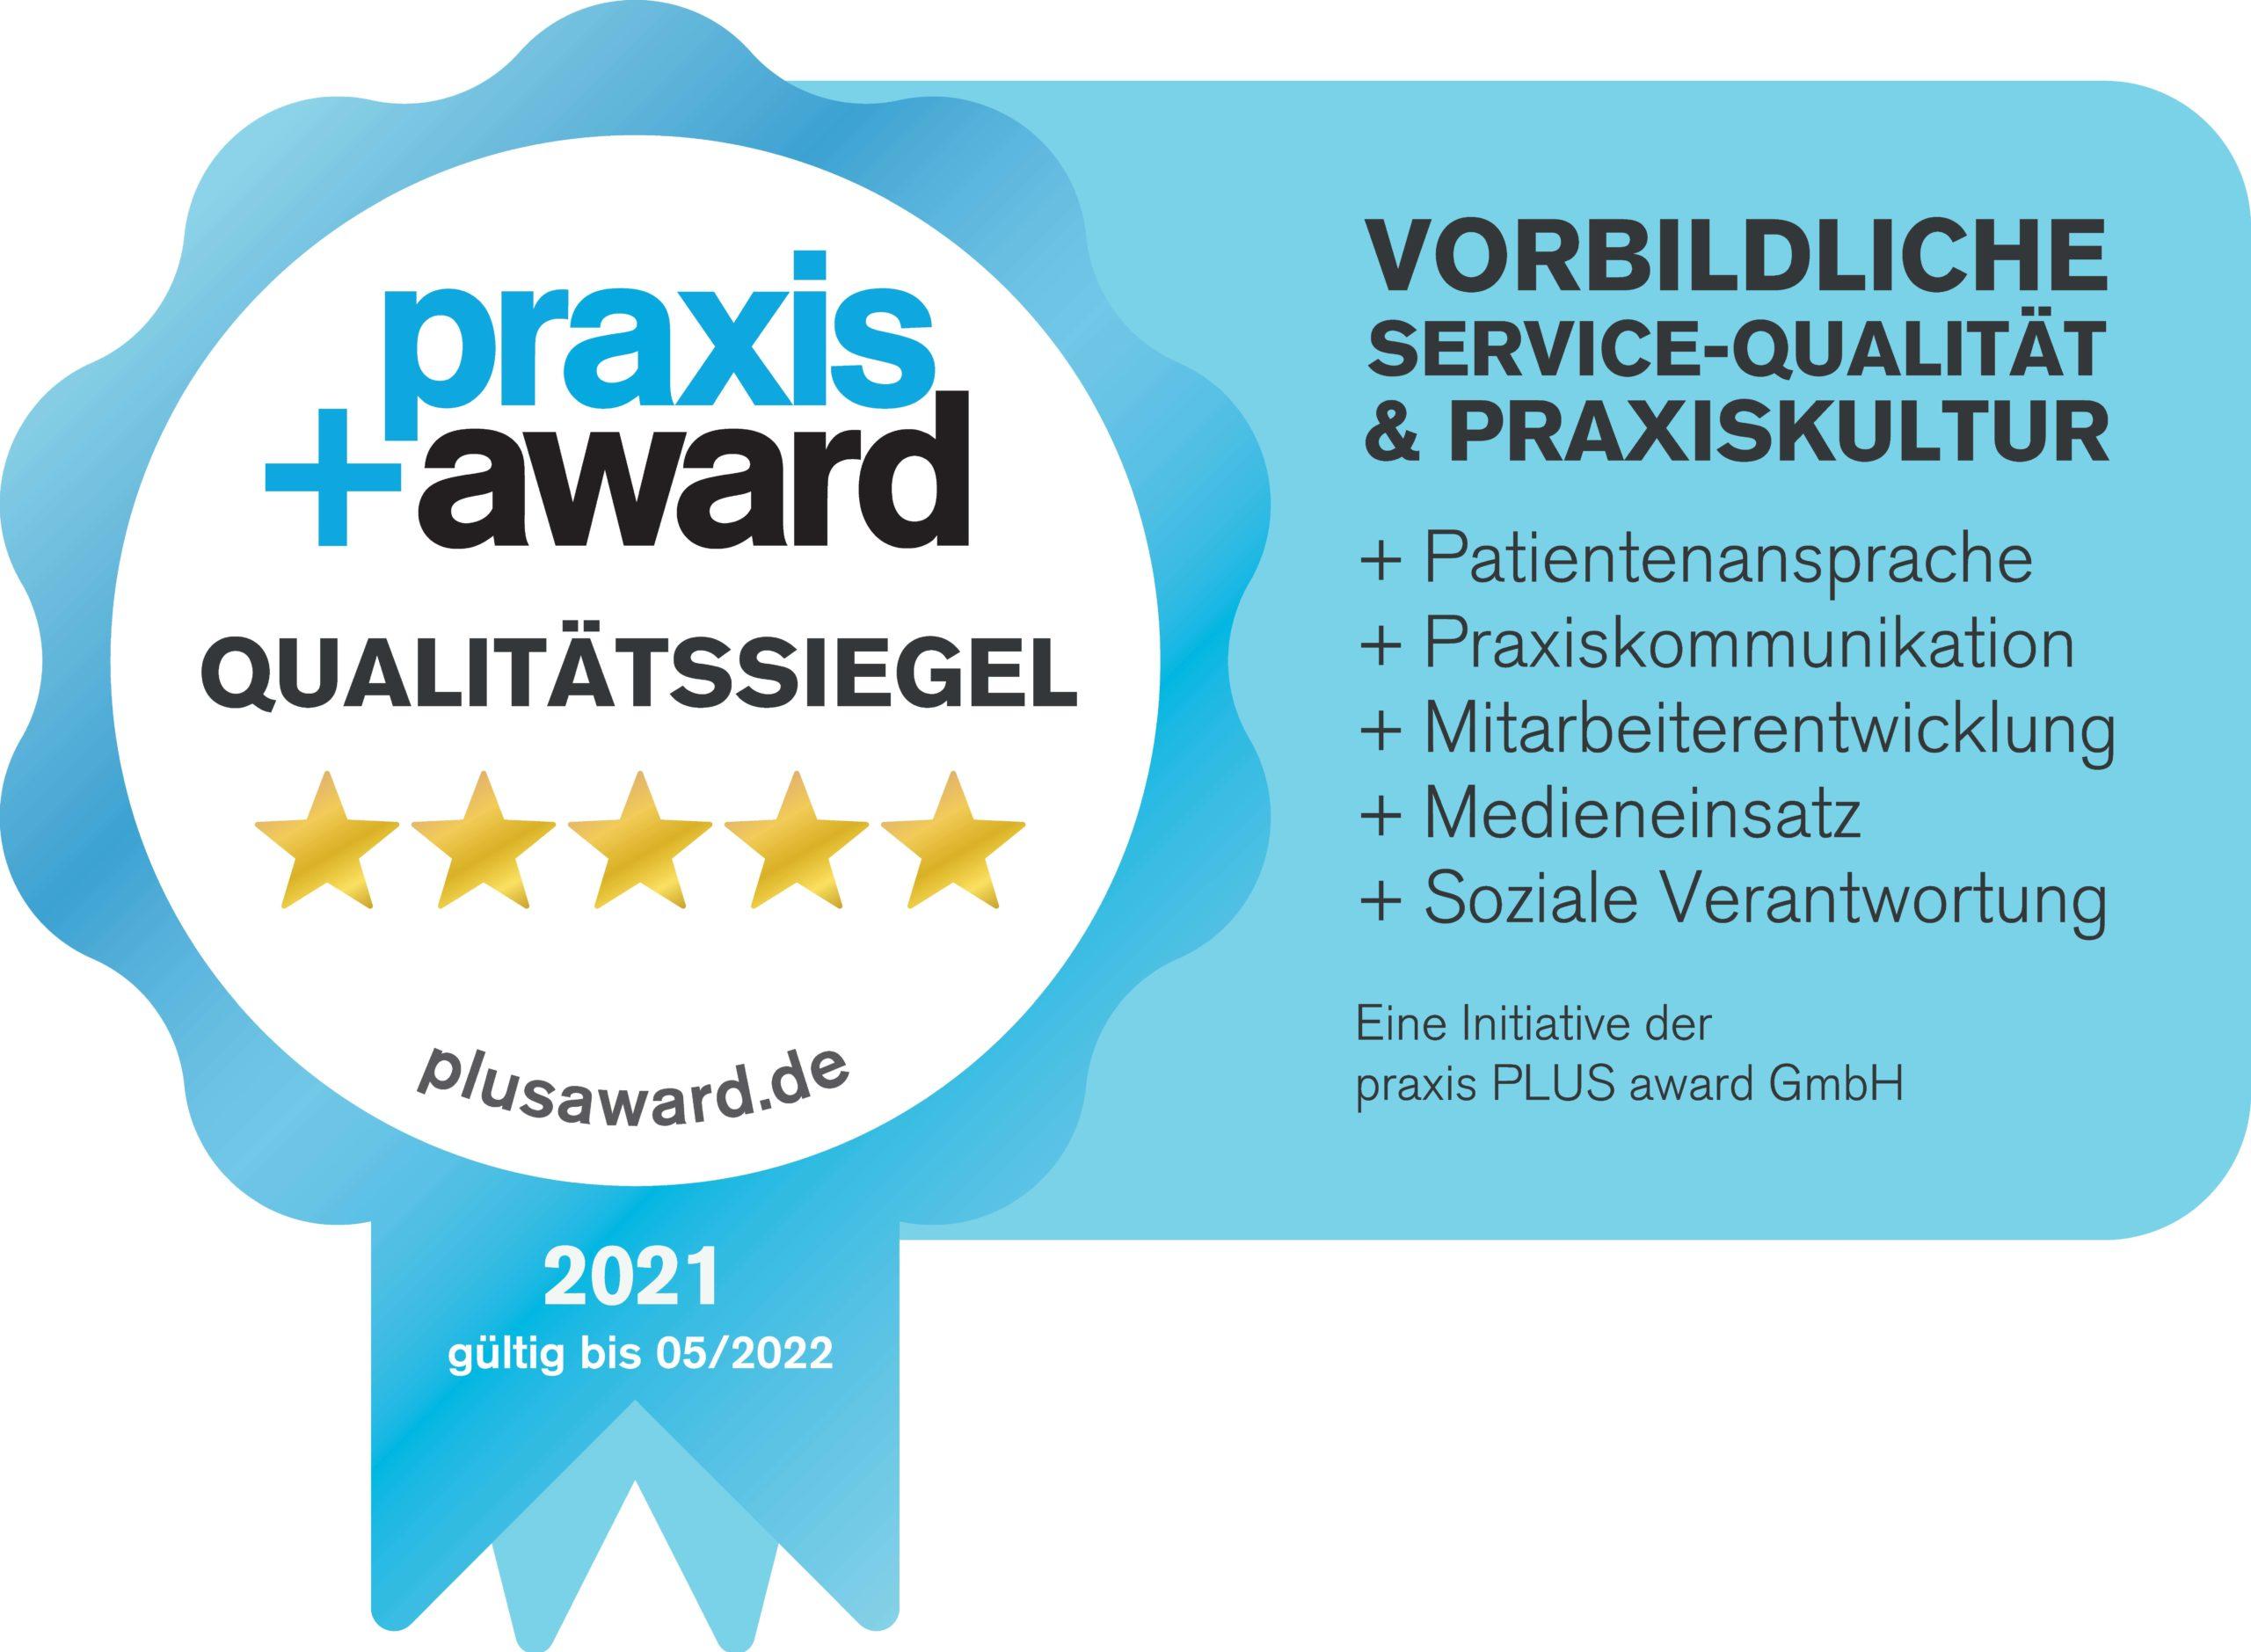 Qualitätssiegel von Praxis+Award für vorbildliche Servicequalität und Praxiskultur